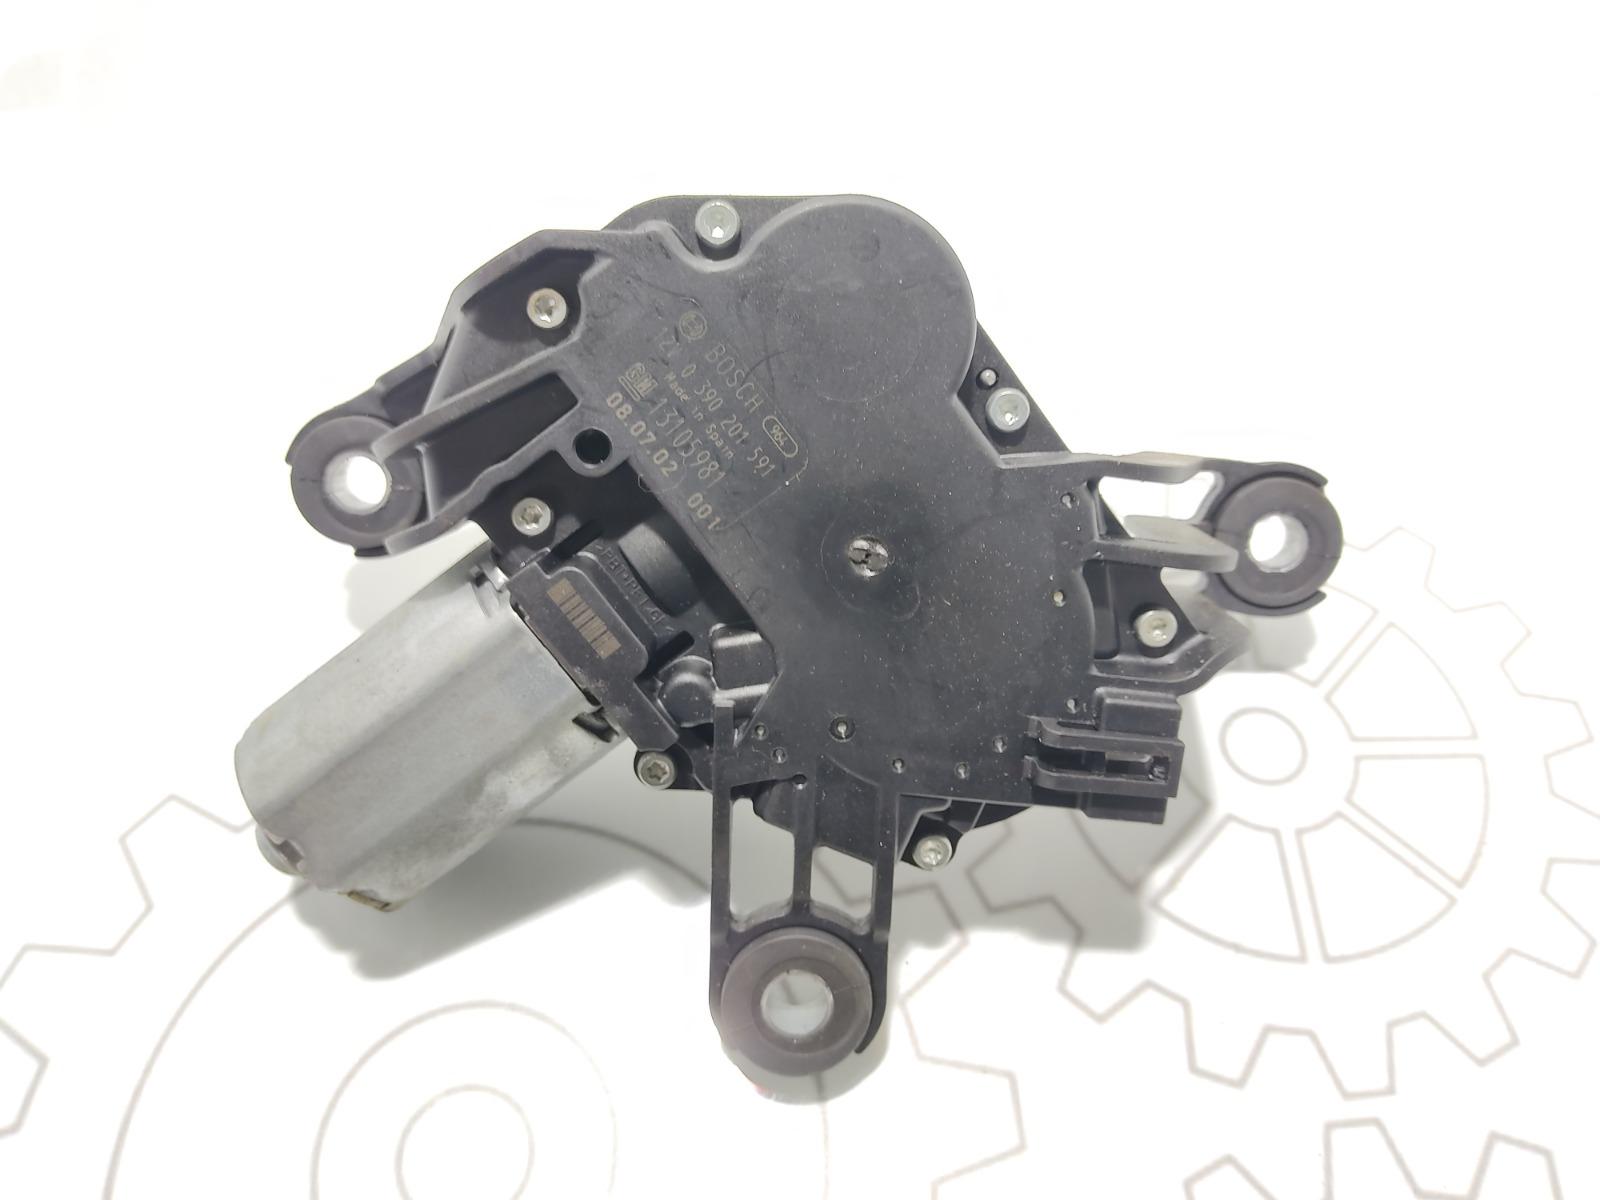 Моторчик заднего стеклоочистителя (дворника) Opel Astra H 1.6 I 2008 (б/у)